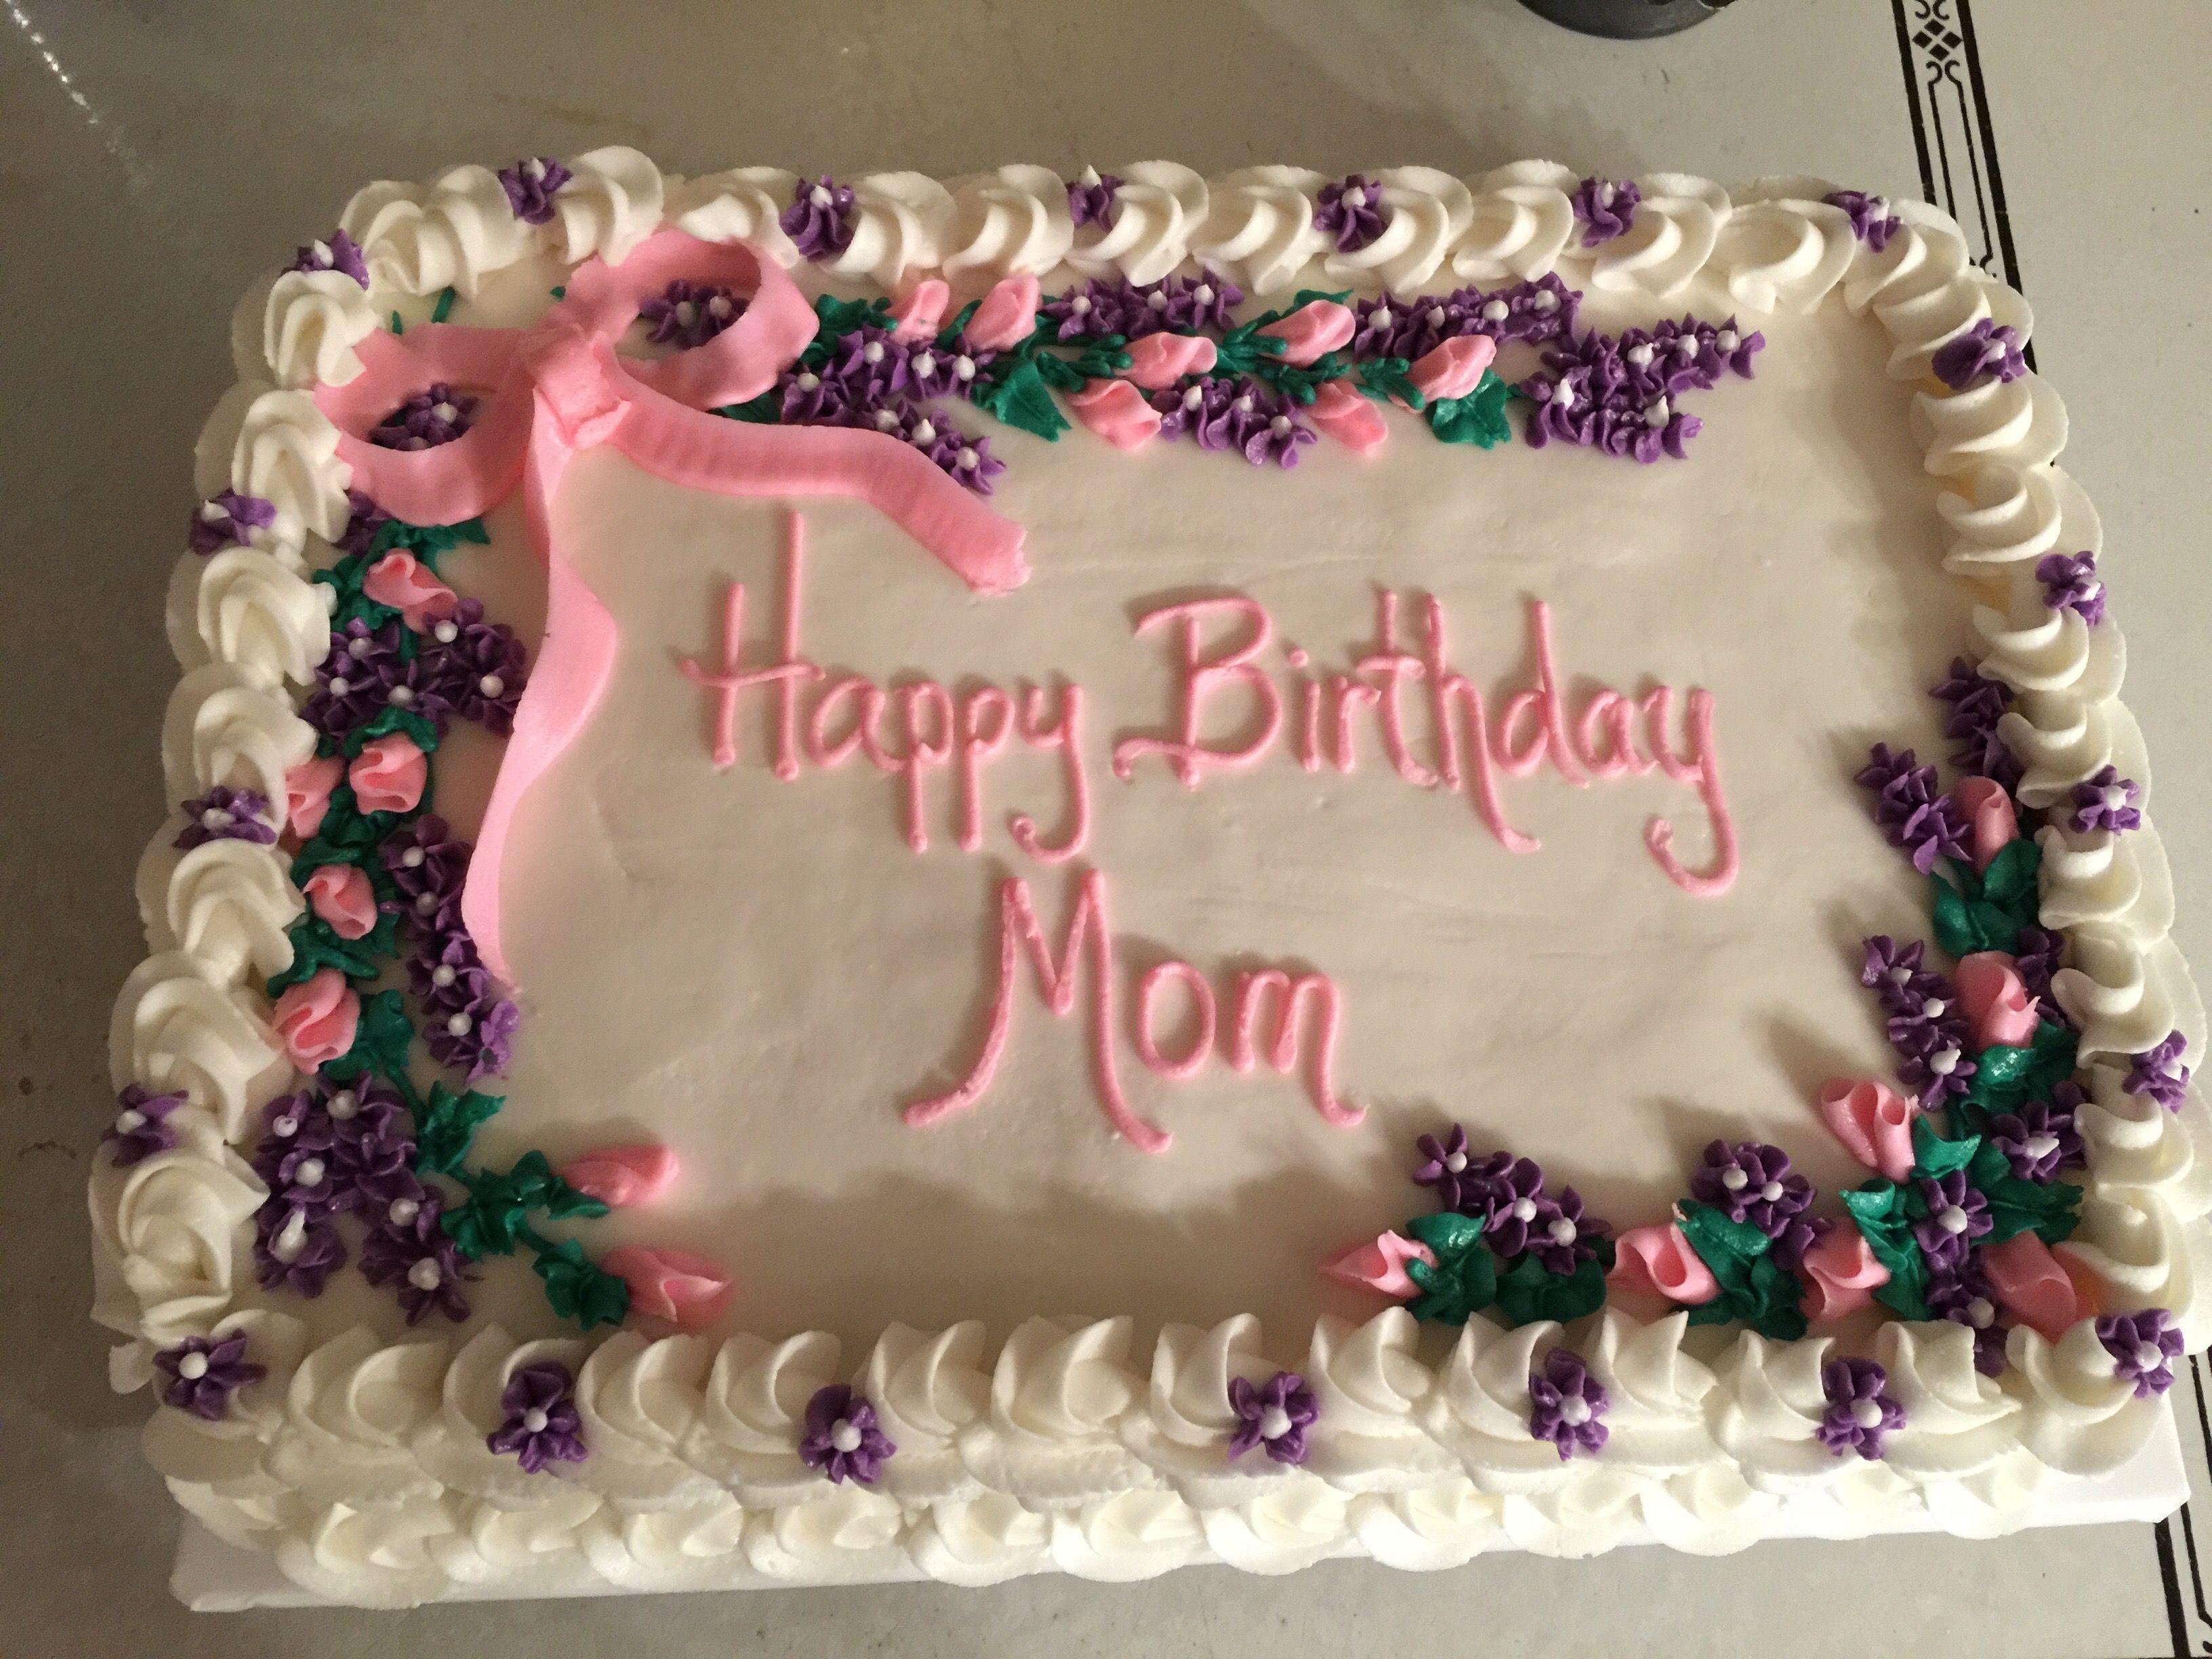 Happy Birthday Mom Sheet Cake Happy Birthday Cake Images Happy Birthday Mom Cake Birthday Cake With Photo